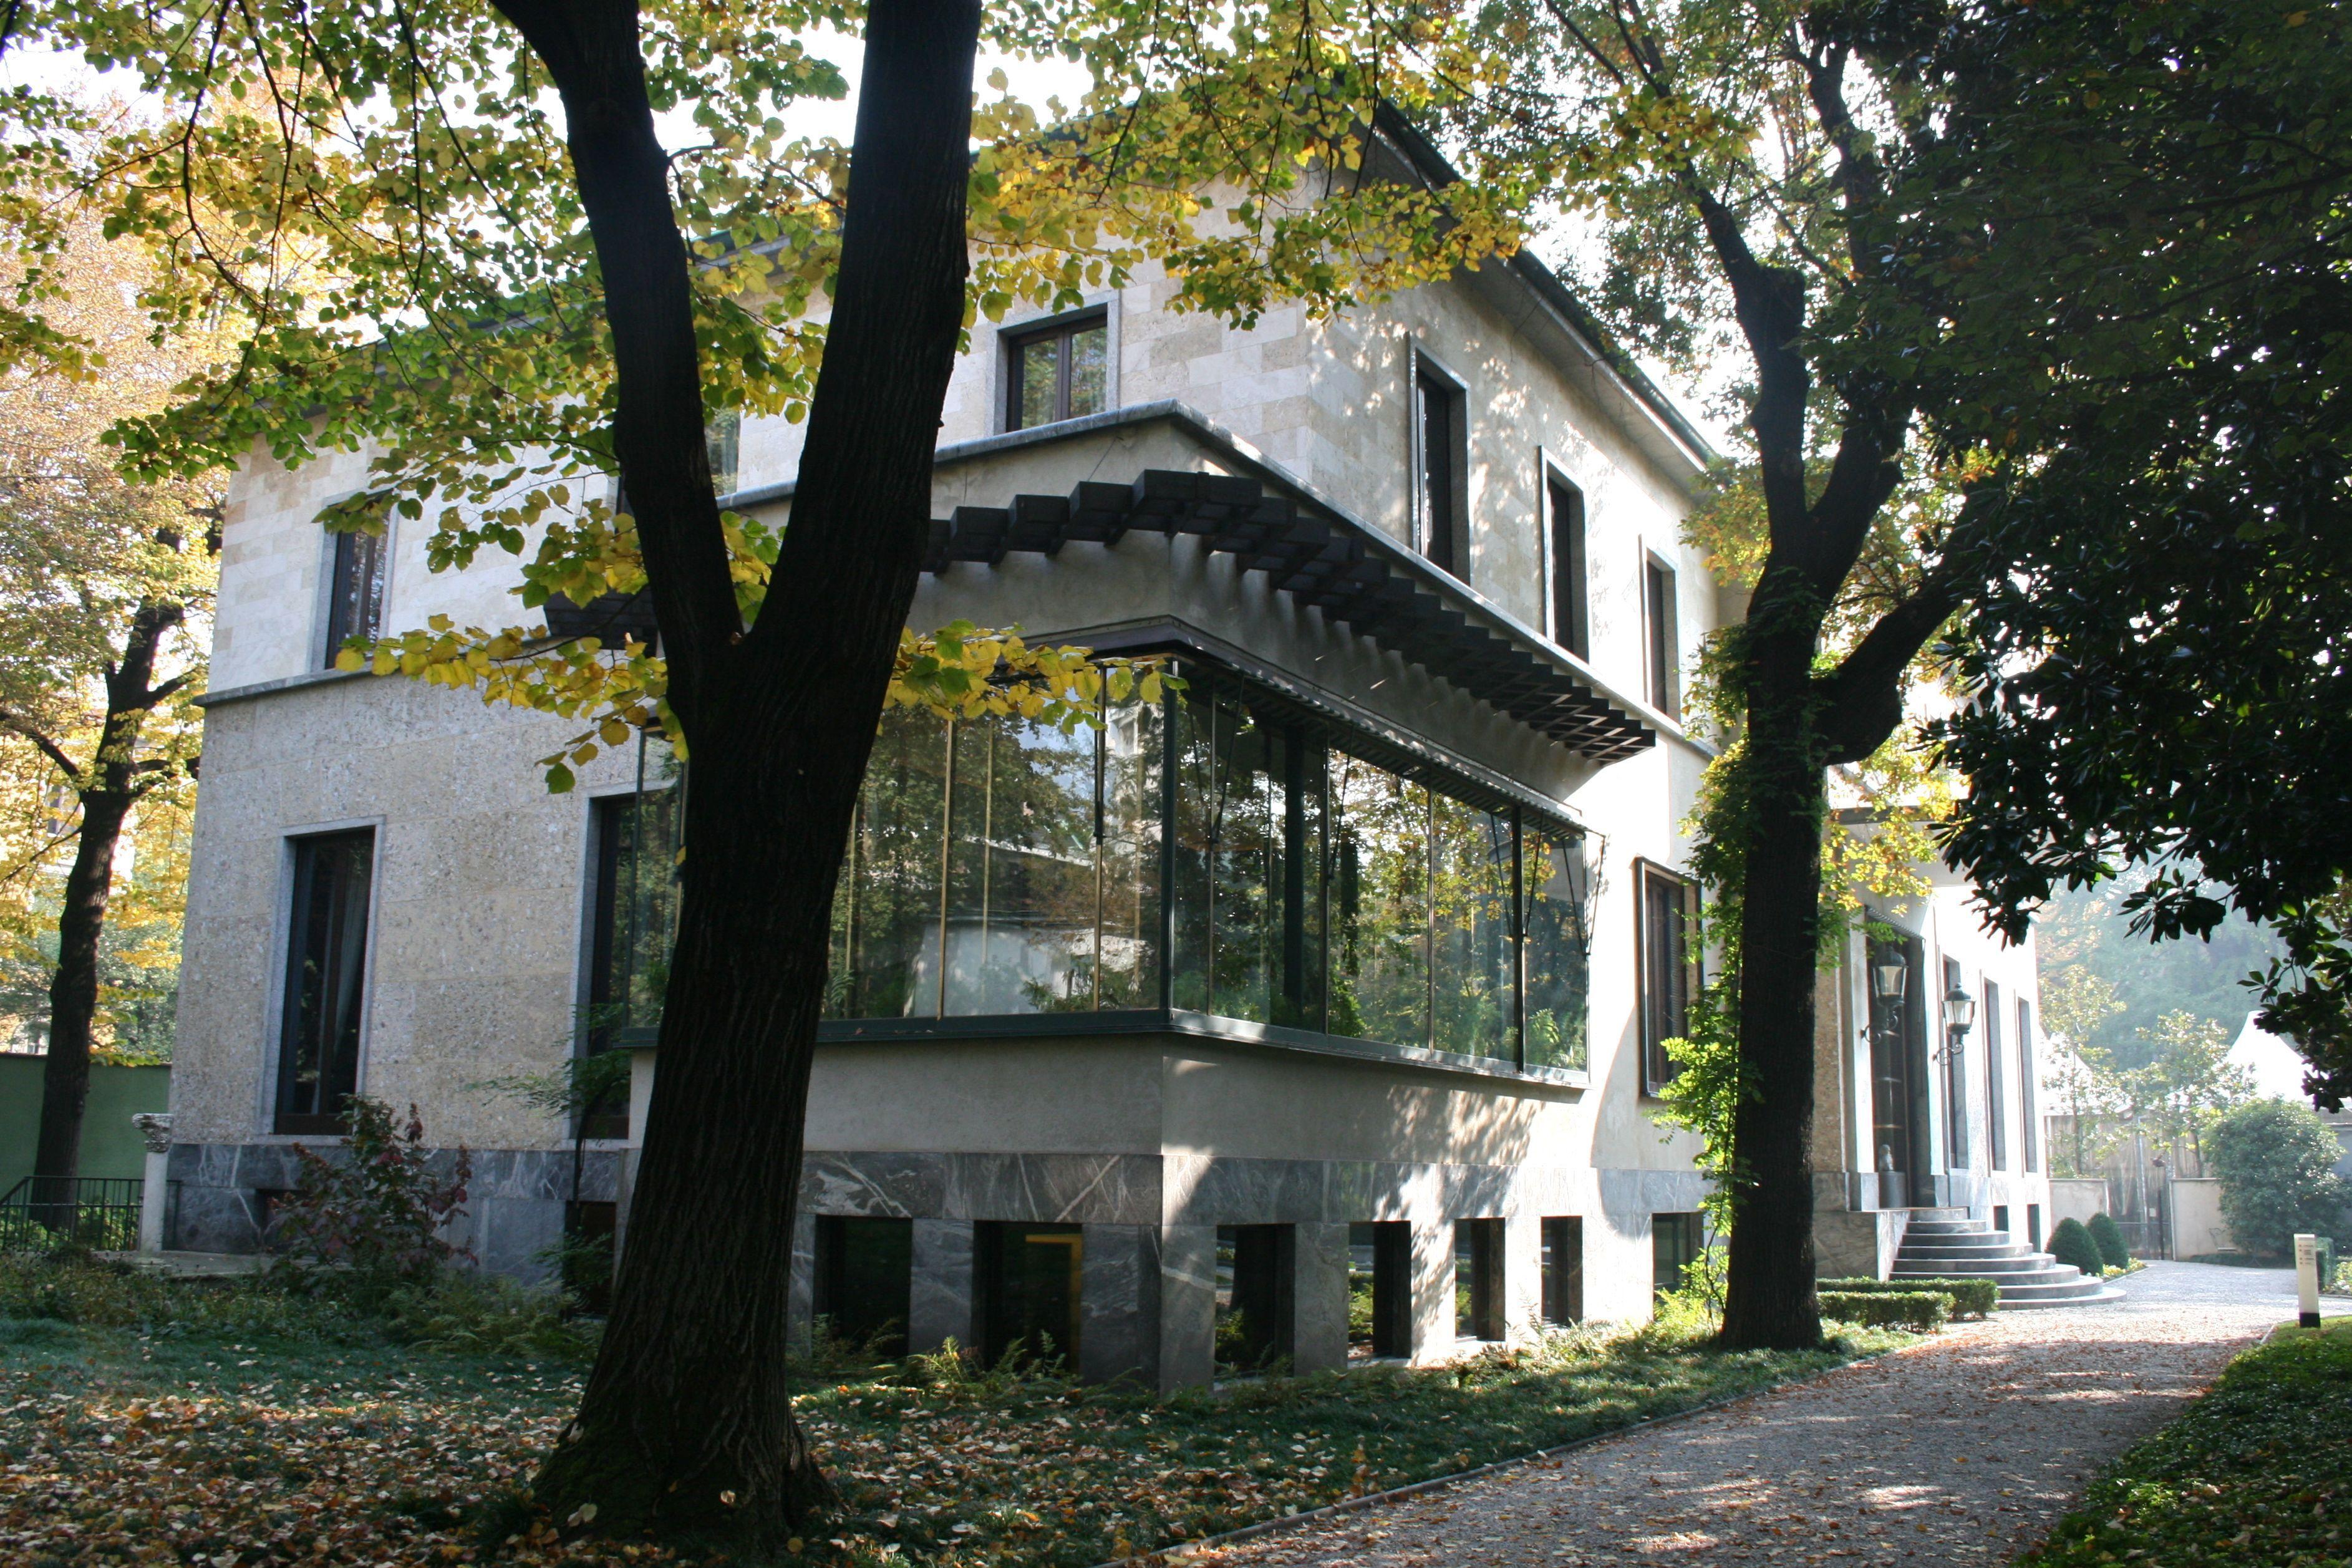 Villa necchi campiglio by piero portaluppi platform - Villa Necchi Campiglio By Architect Piero Portaluppi 1932 35 Milan